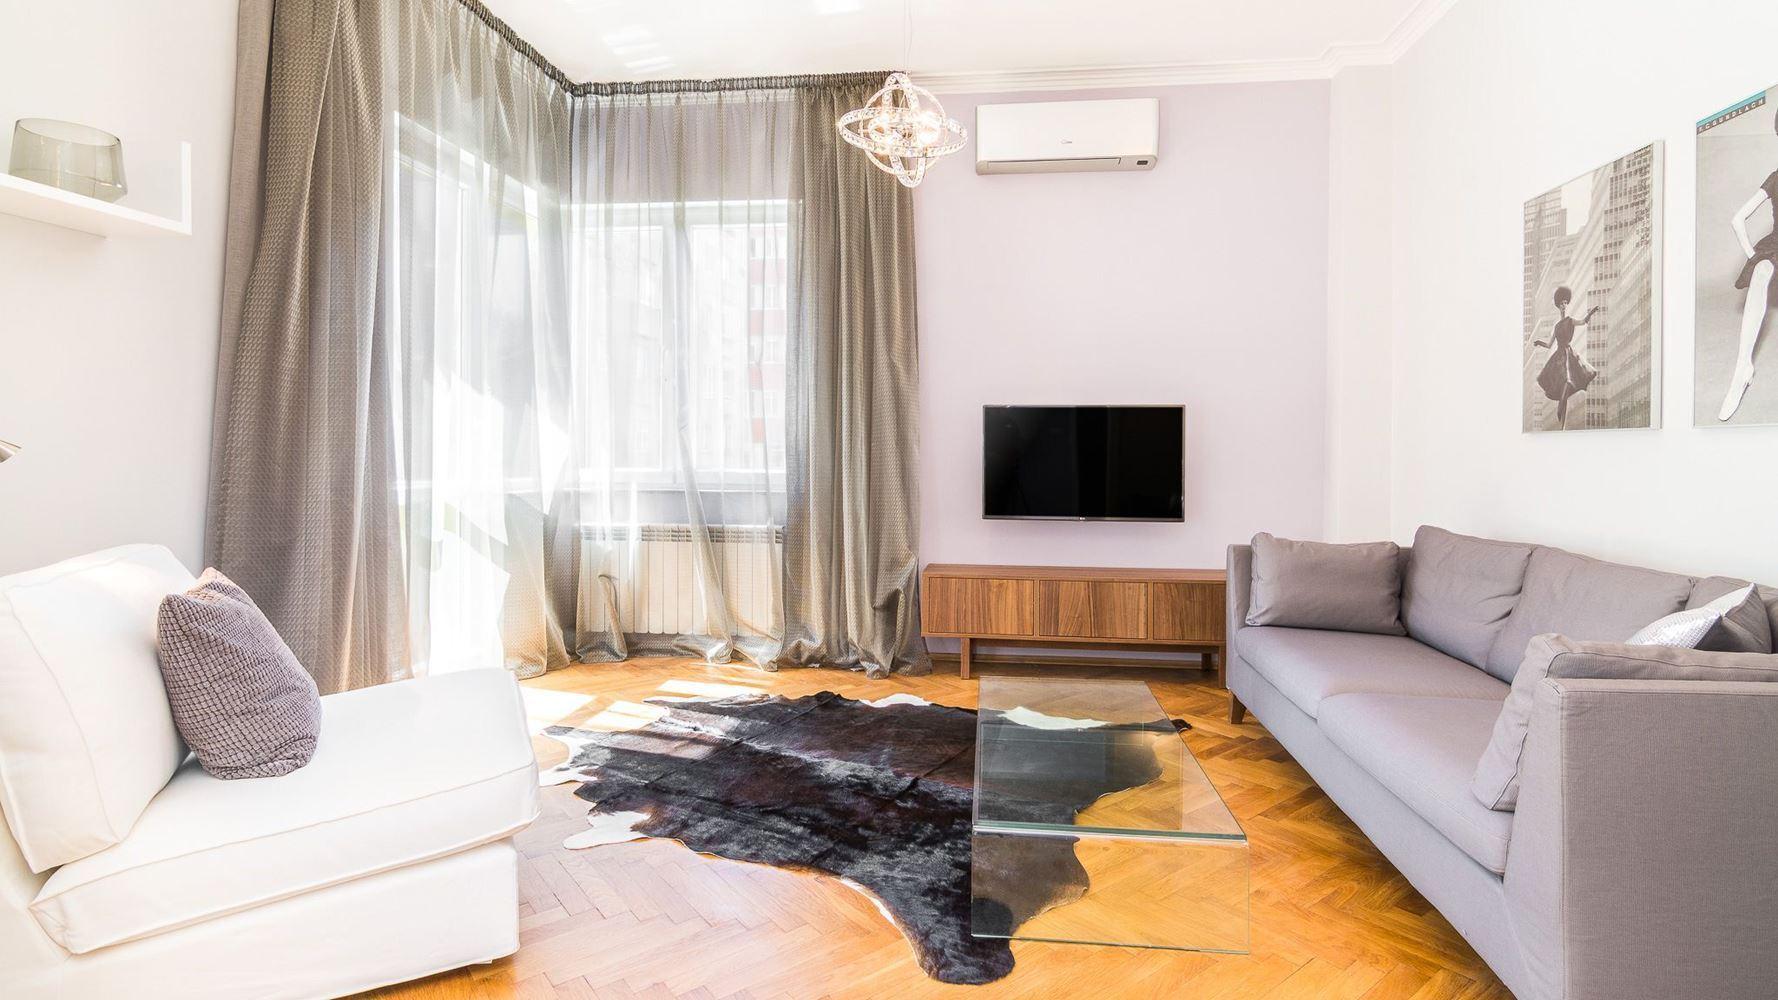 1-bedroom Apartment for Rent, Doctor's Garden